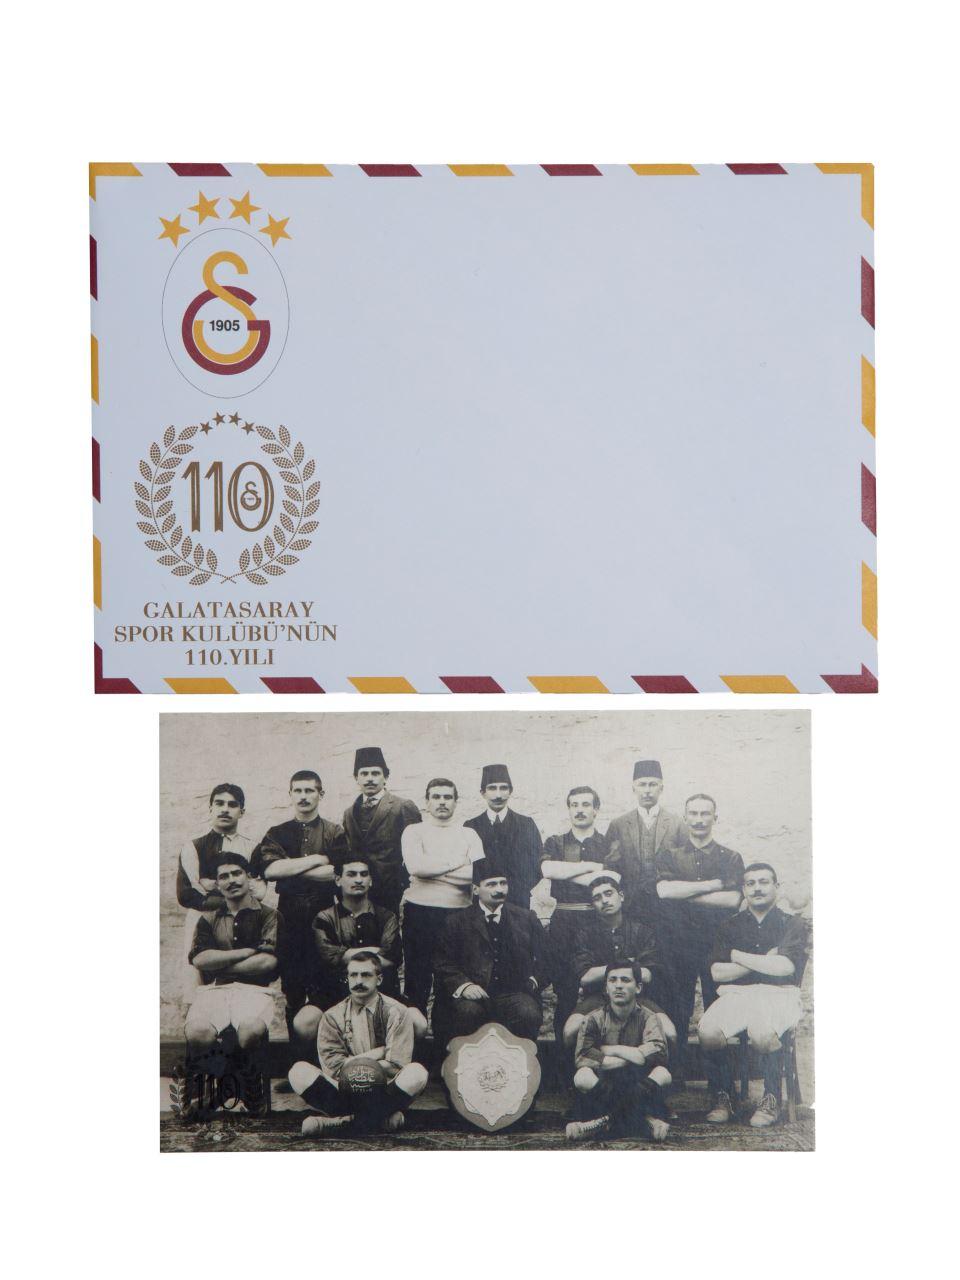 U23047 Galatasaray Spor Kulübü 110.Yıl/Kartpostal